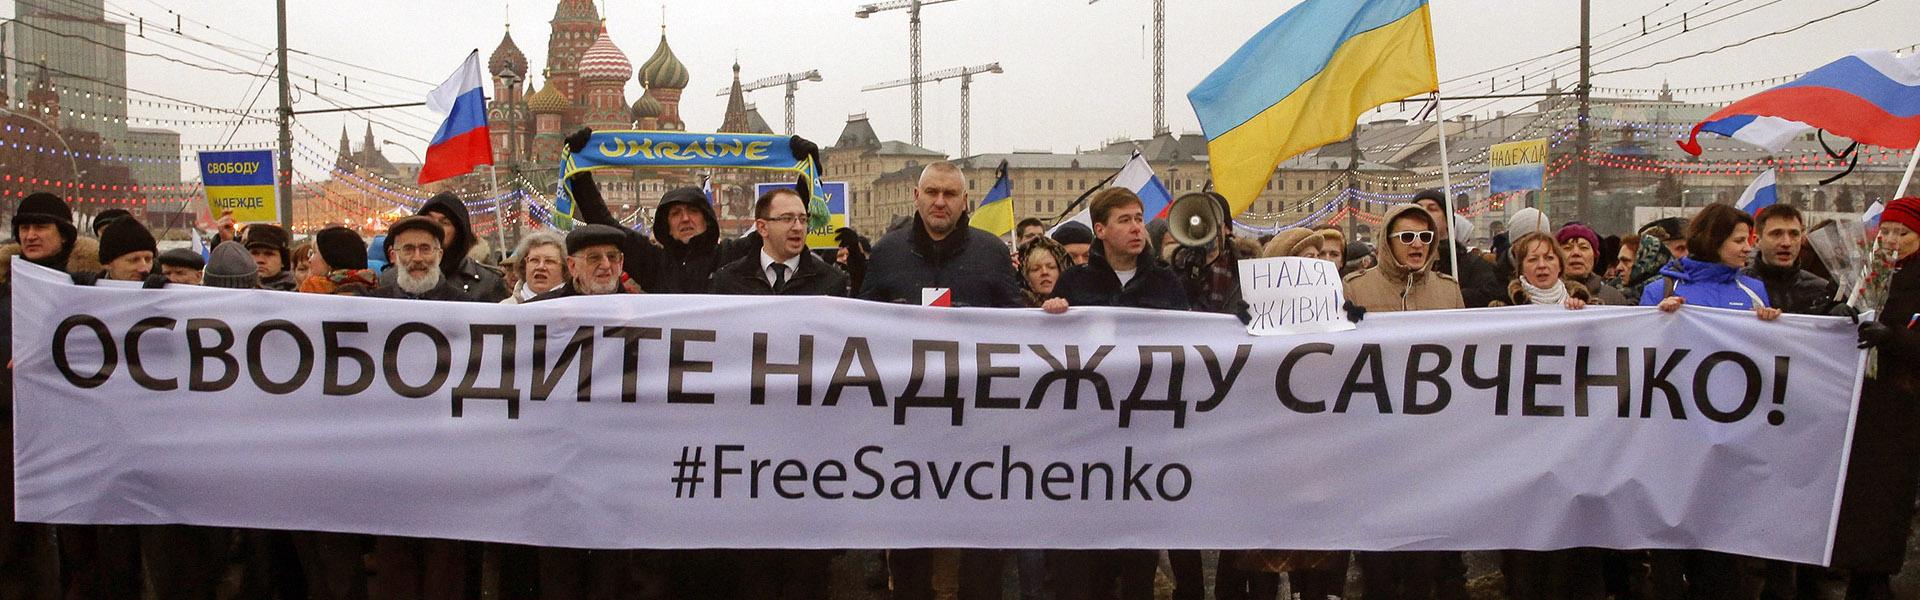 Военные и политика: на освобождение Надежды Савченко